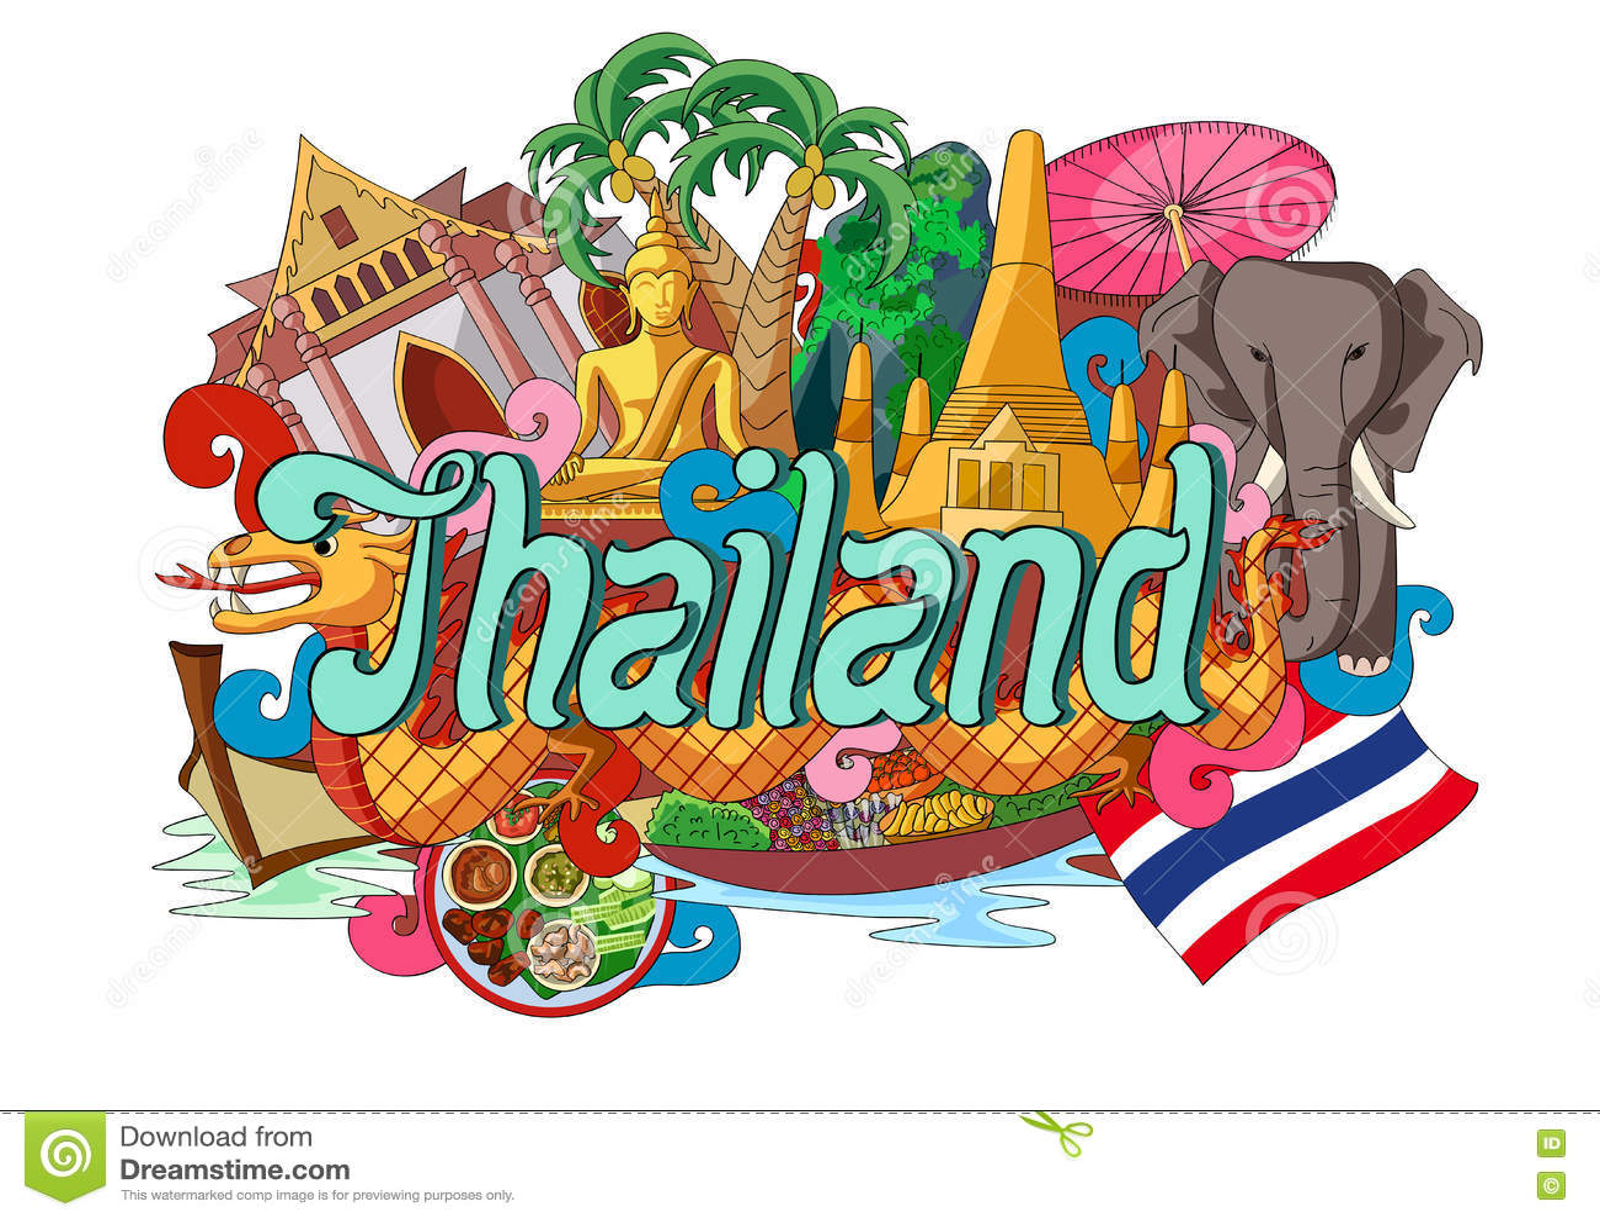 Klottervisningarkitektur och kultur av Thailand